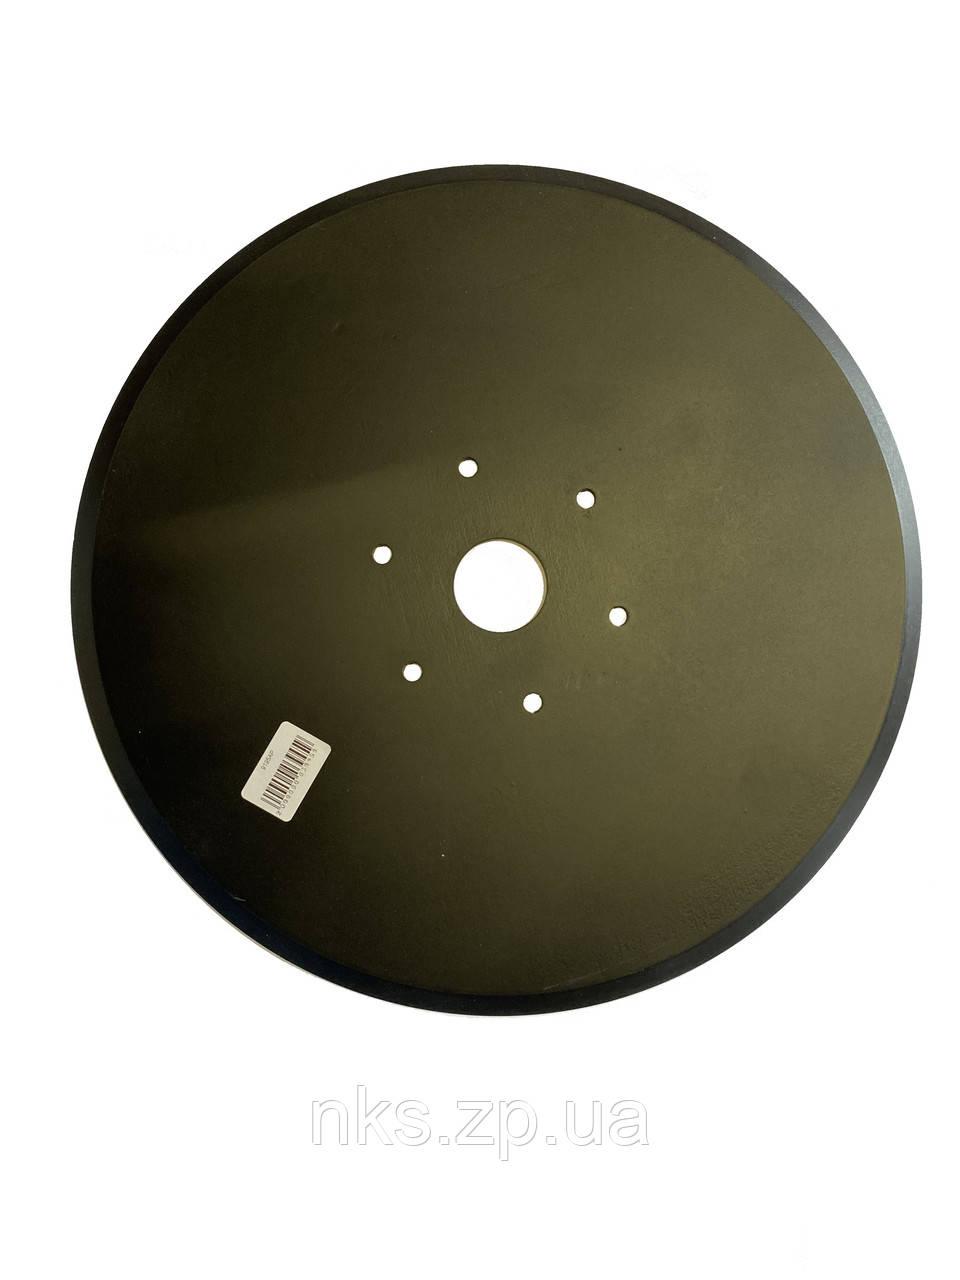 Диск сошника 300 мм Monosem